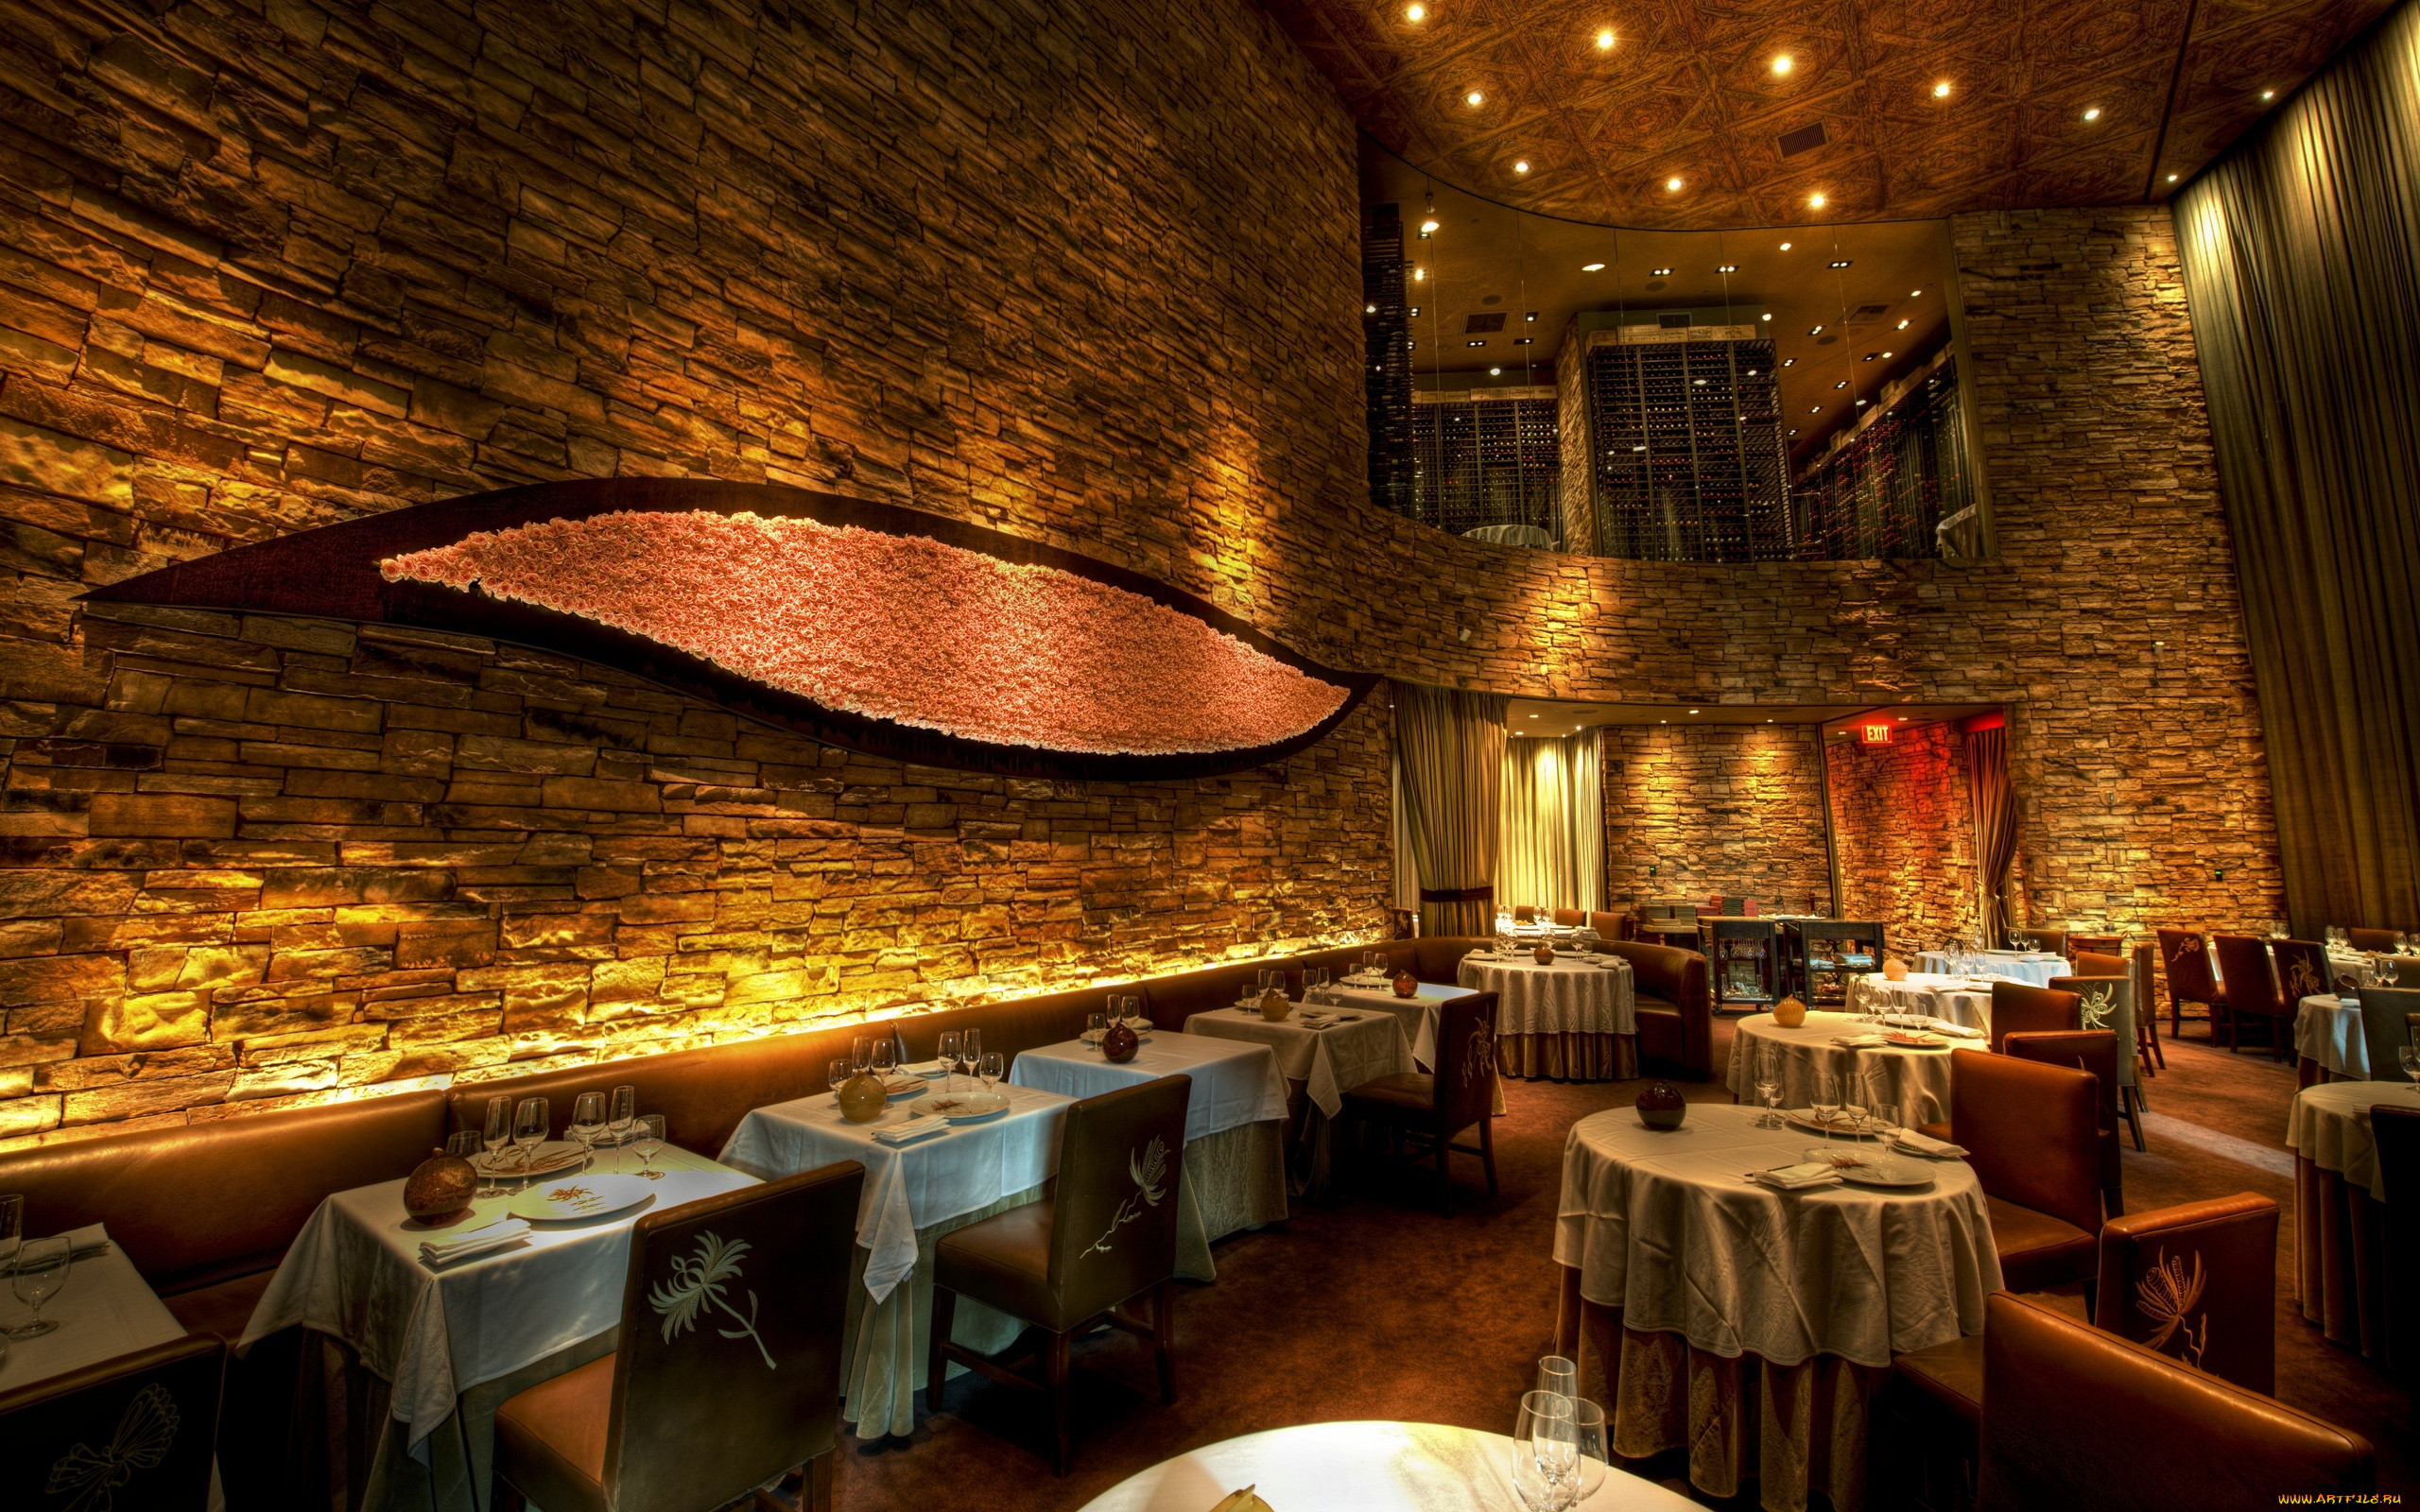 Ресторан внутри картинка